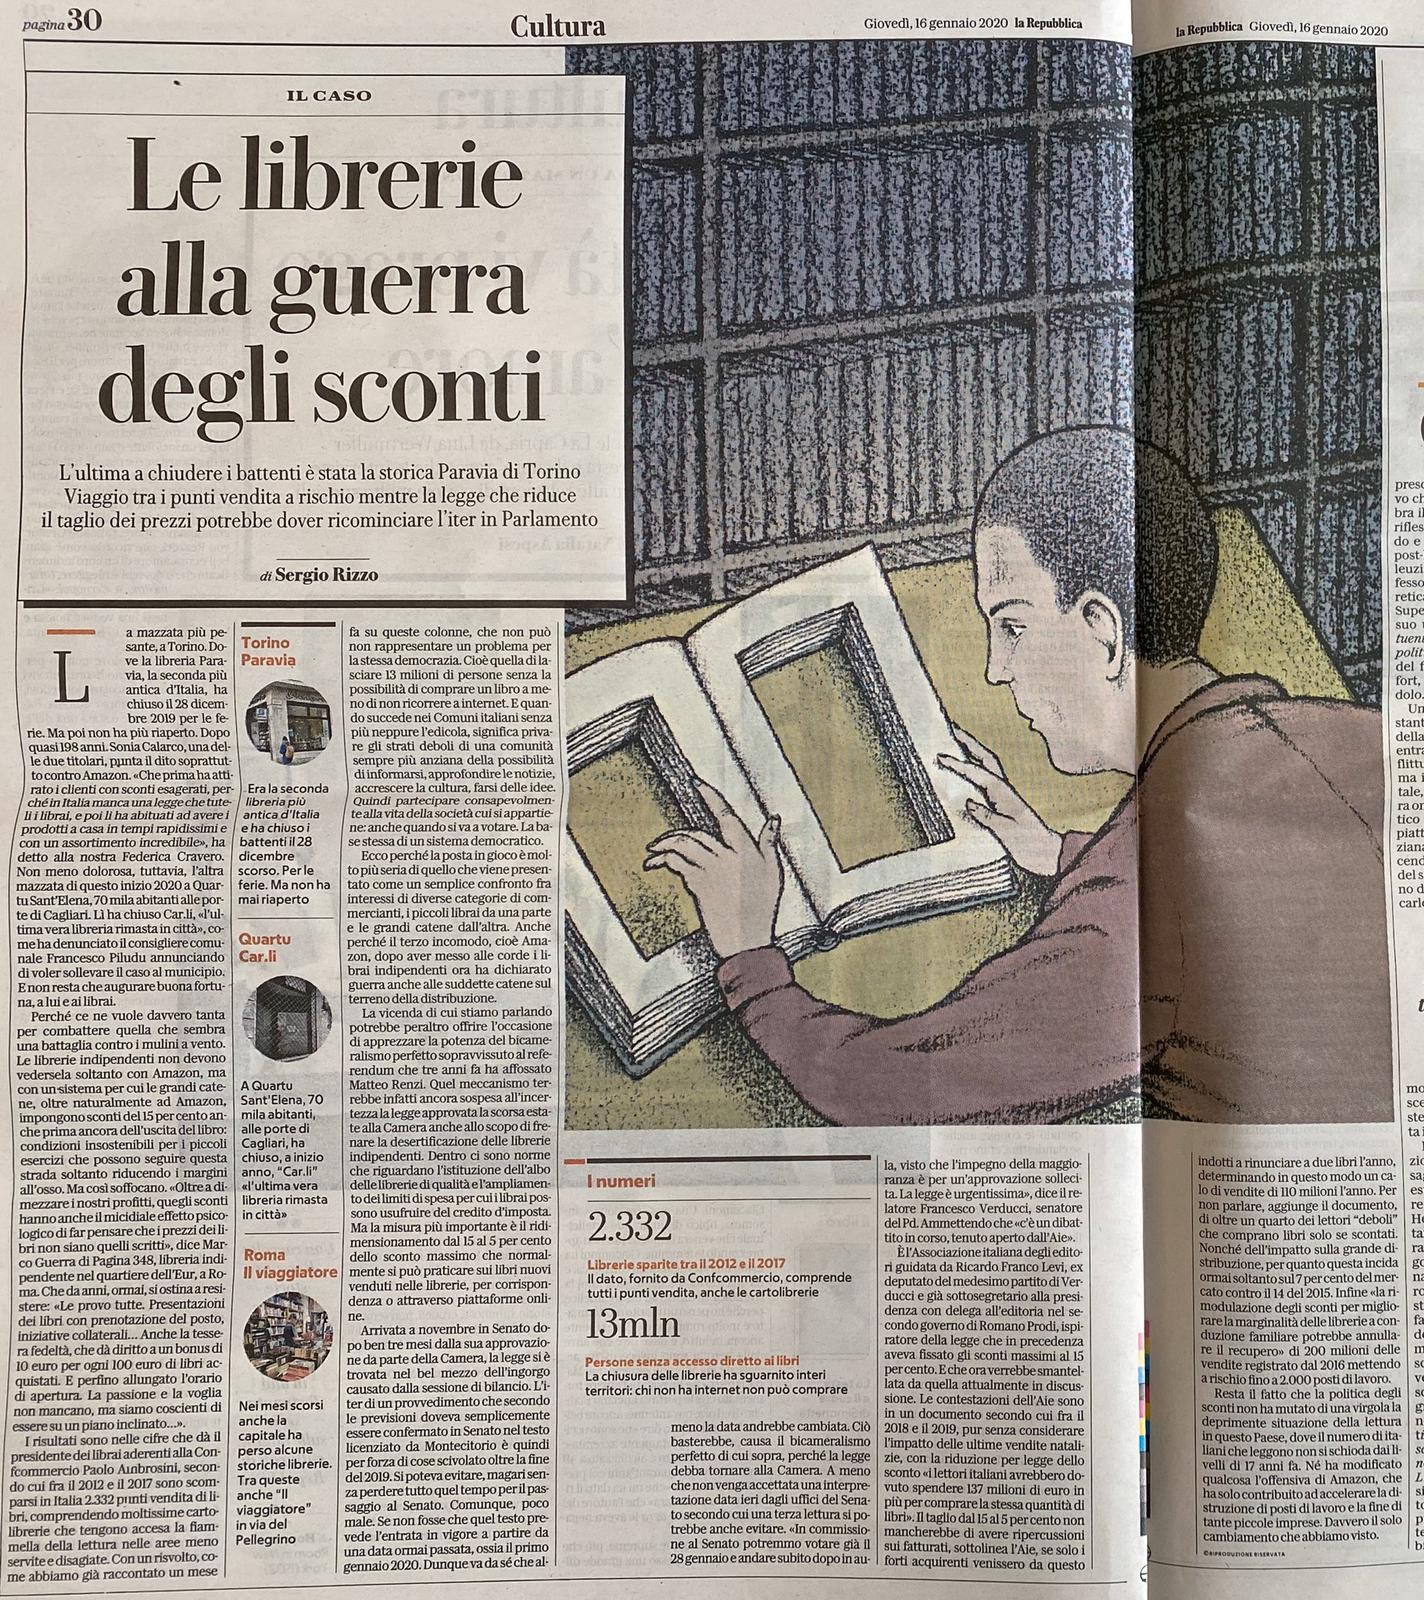 Repubblica Rizzo Librerie alla guerra degli sconti